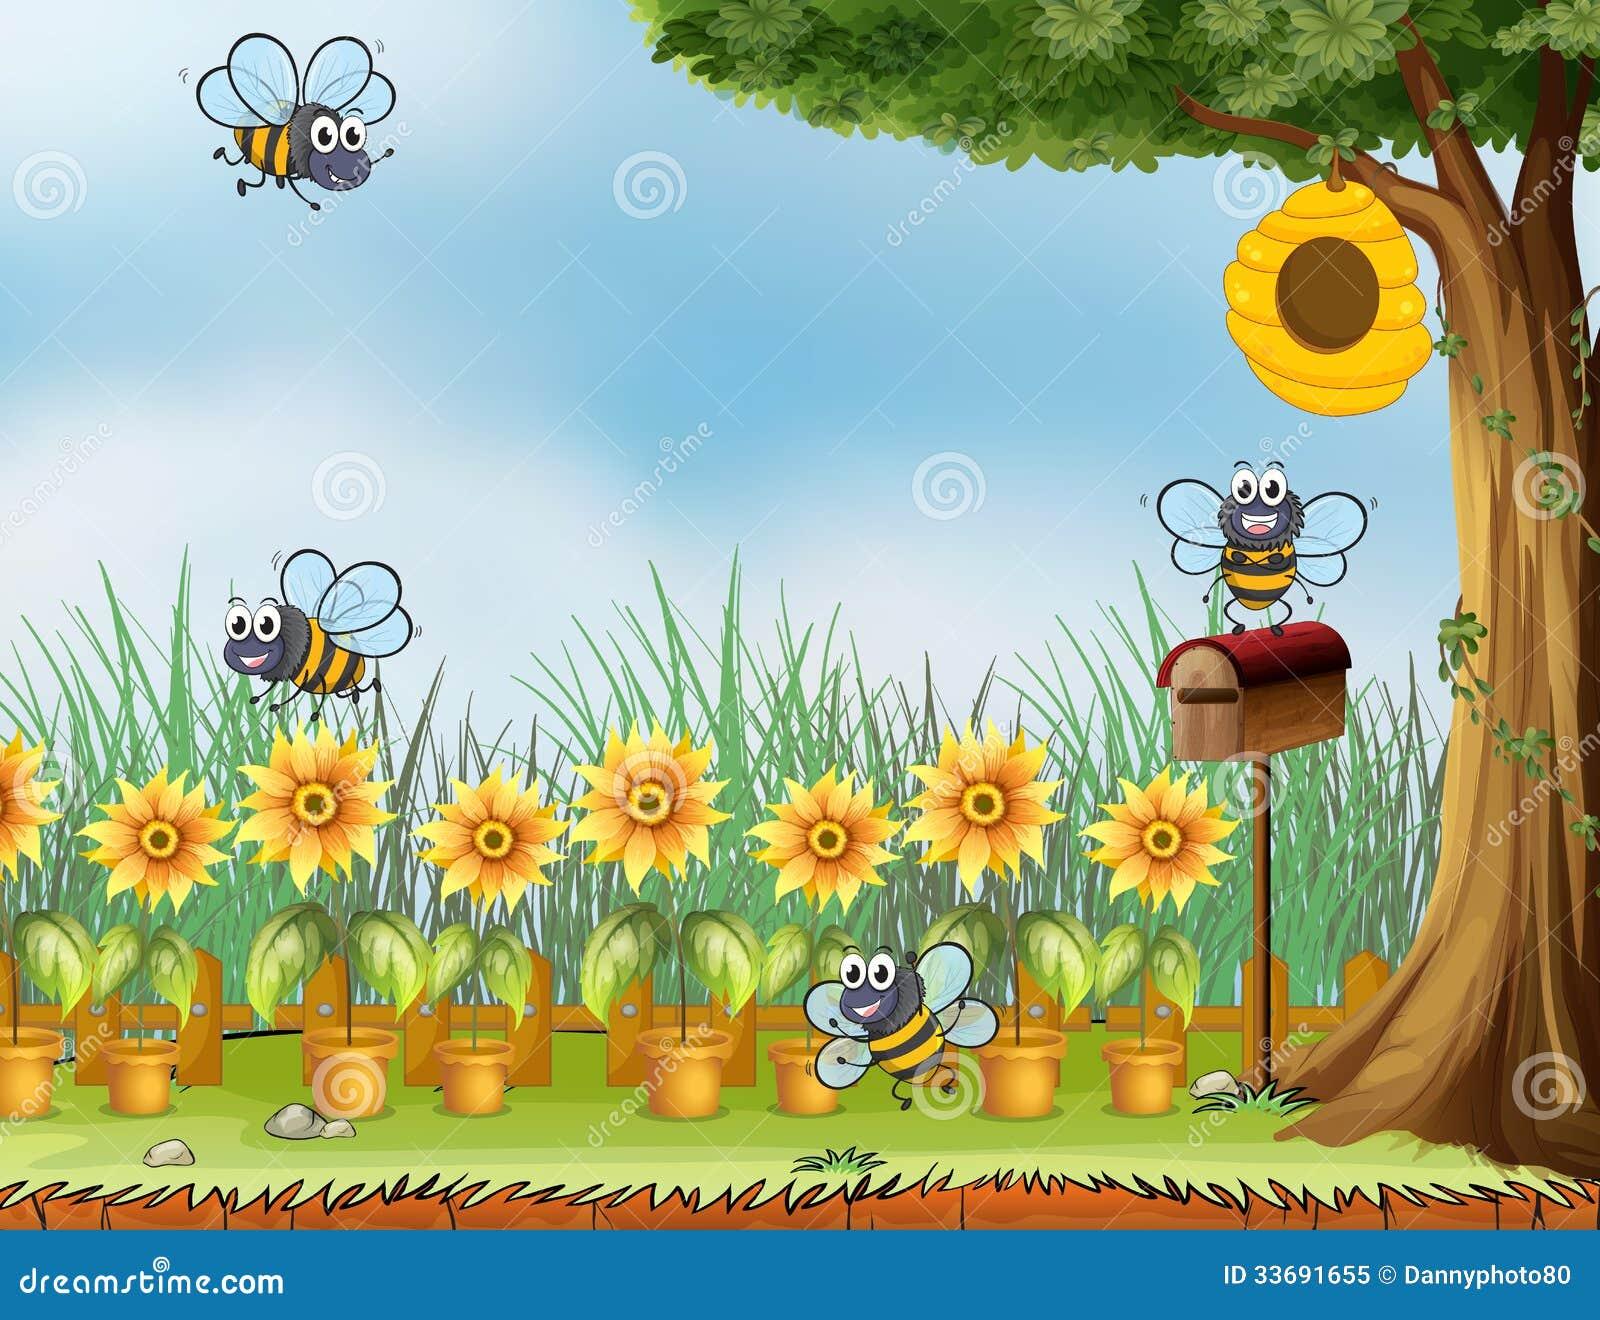 quatro abelhas no jardim foto de stock royalty free